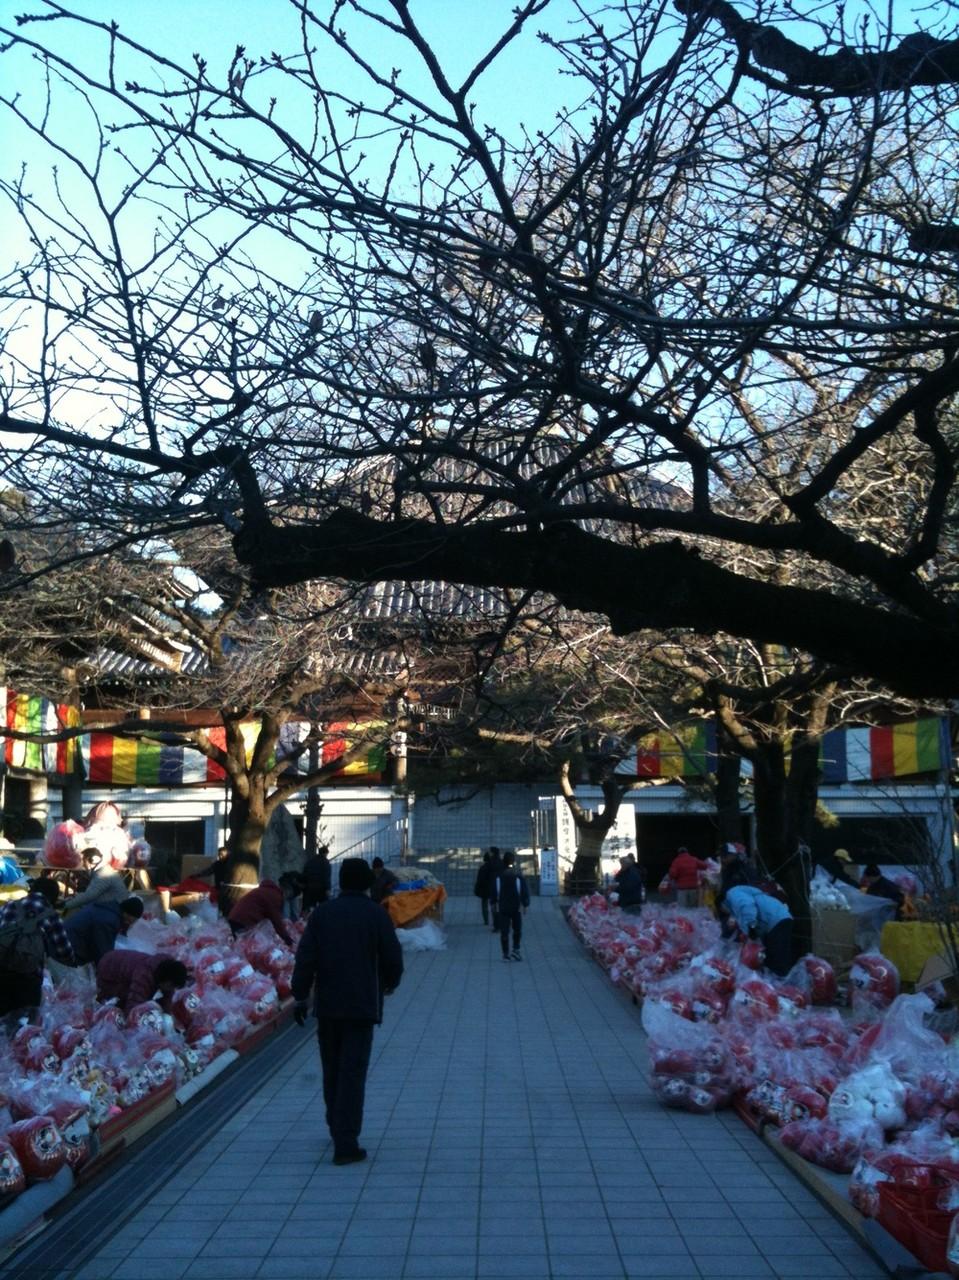 Daruma ichi fair at Haijima Daishi Temple in January Tokyo Akishima